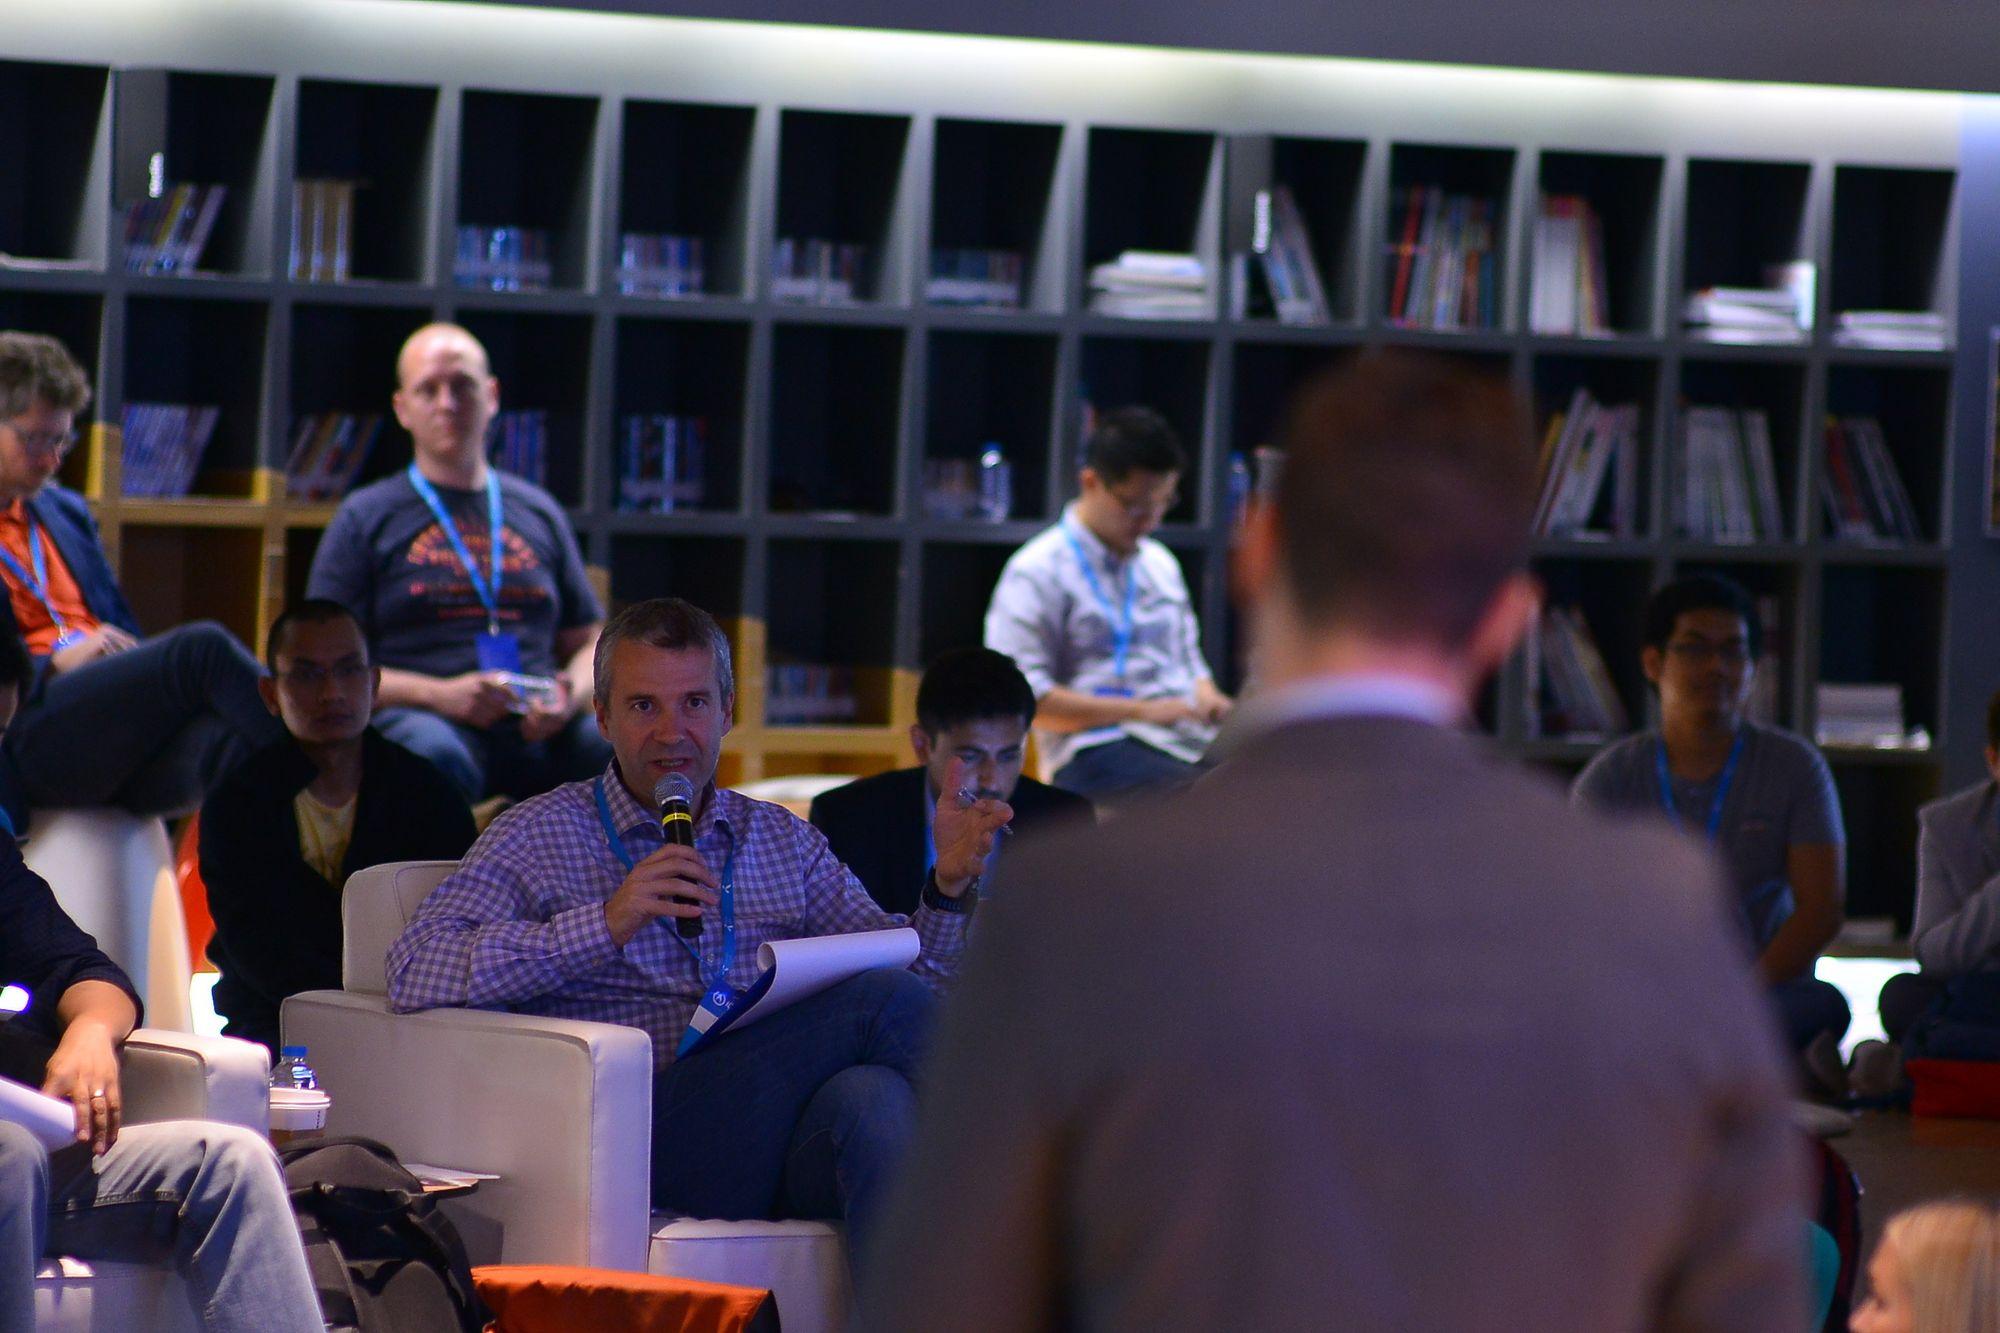 Telenors leder for produkt og innovasjon, Gunnar Sellæg, deltar her i juryen som sendte Heidi Berg videre.